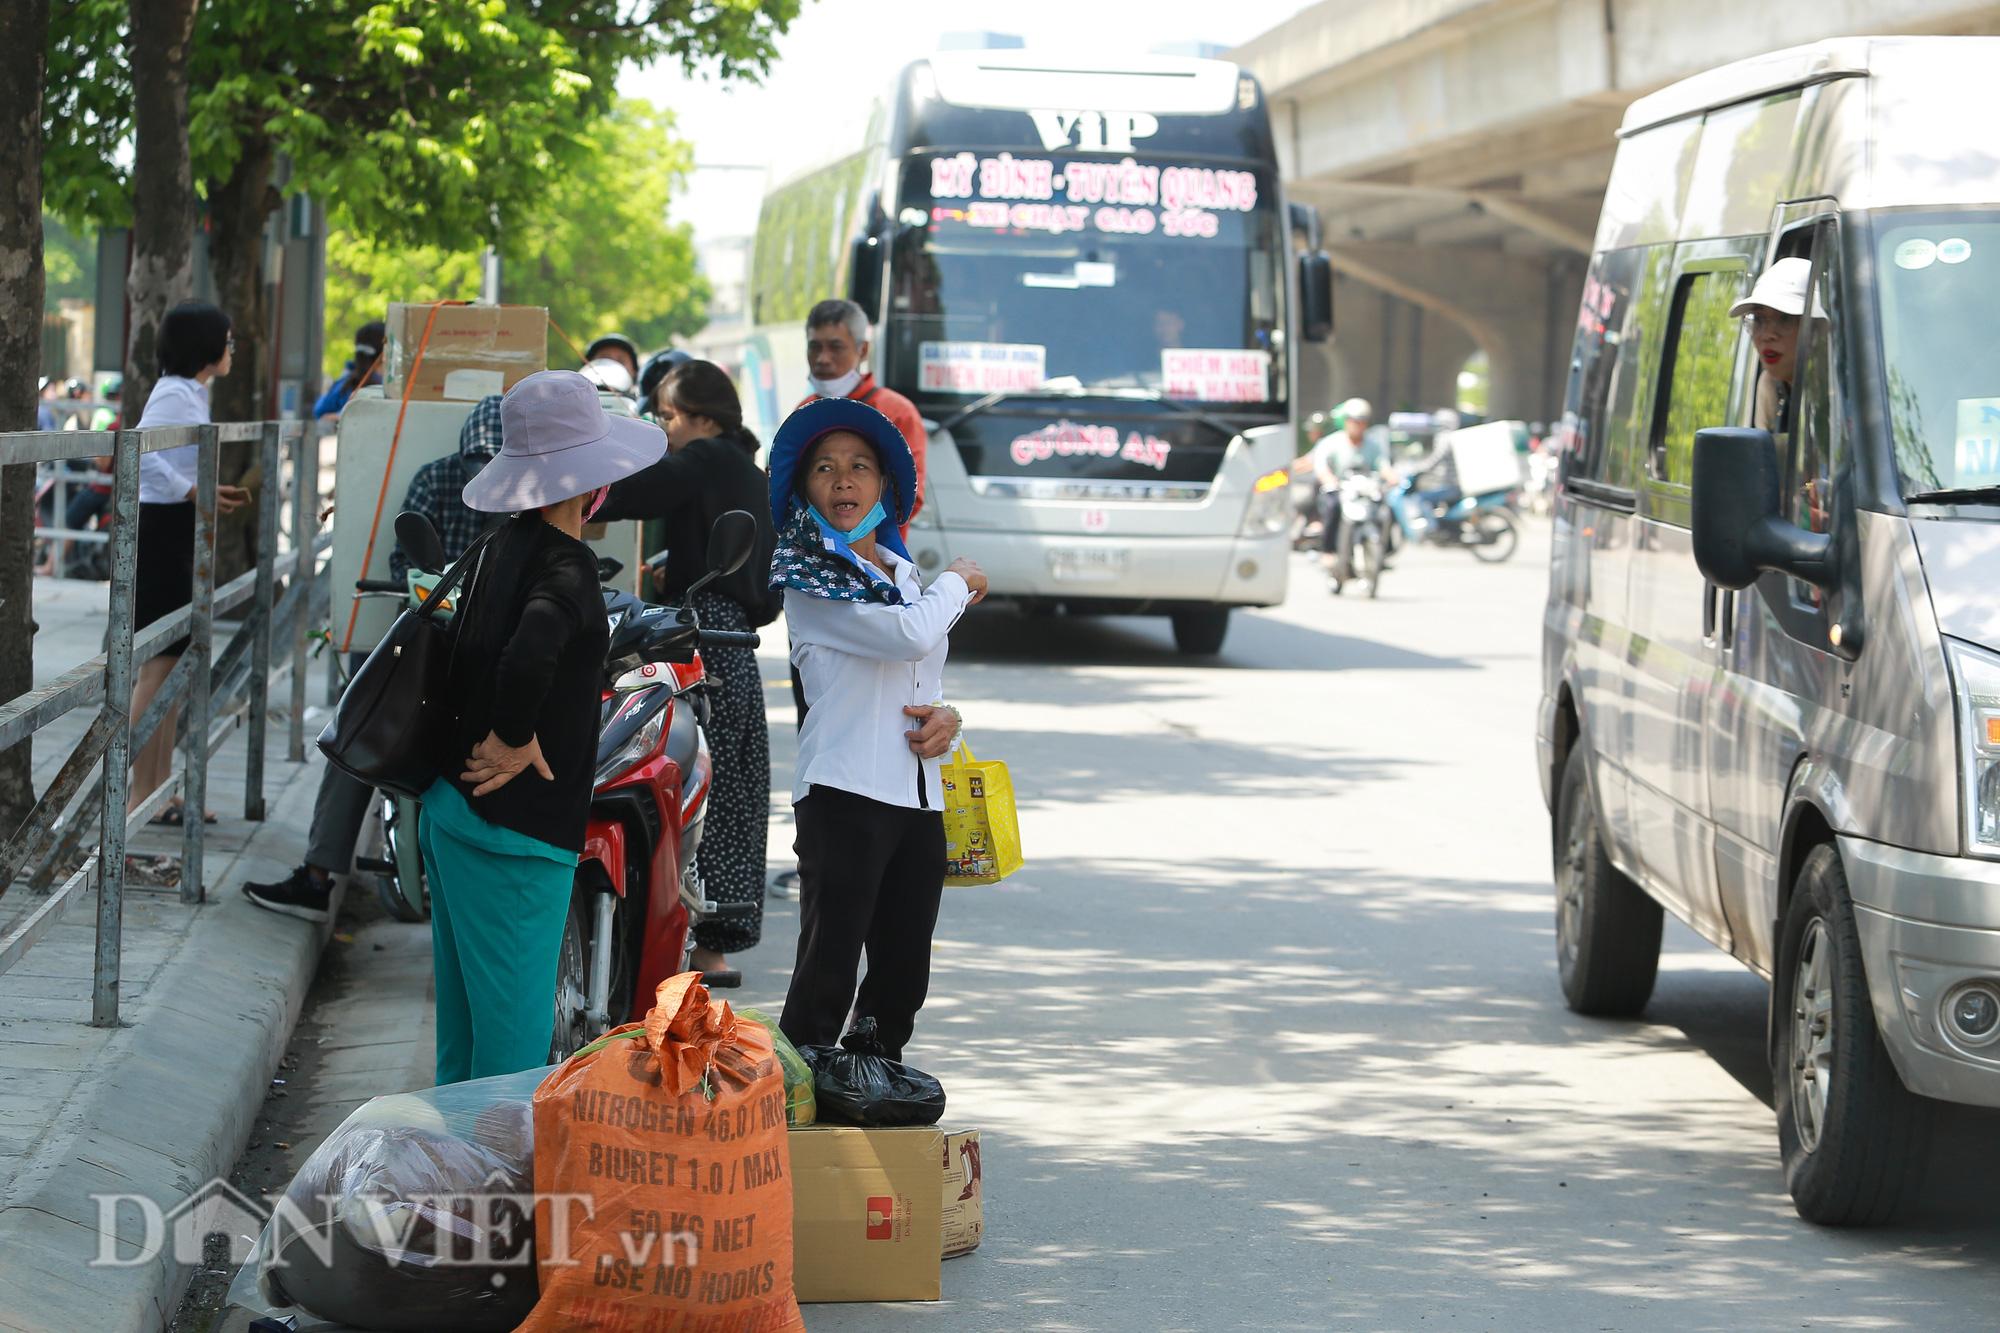 """Hàng loạt xe chạy """"rùa bò"""", bắt khách dọc đường bị CSGT Hà Nội xử lý - Ảnh 11."""